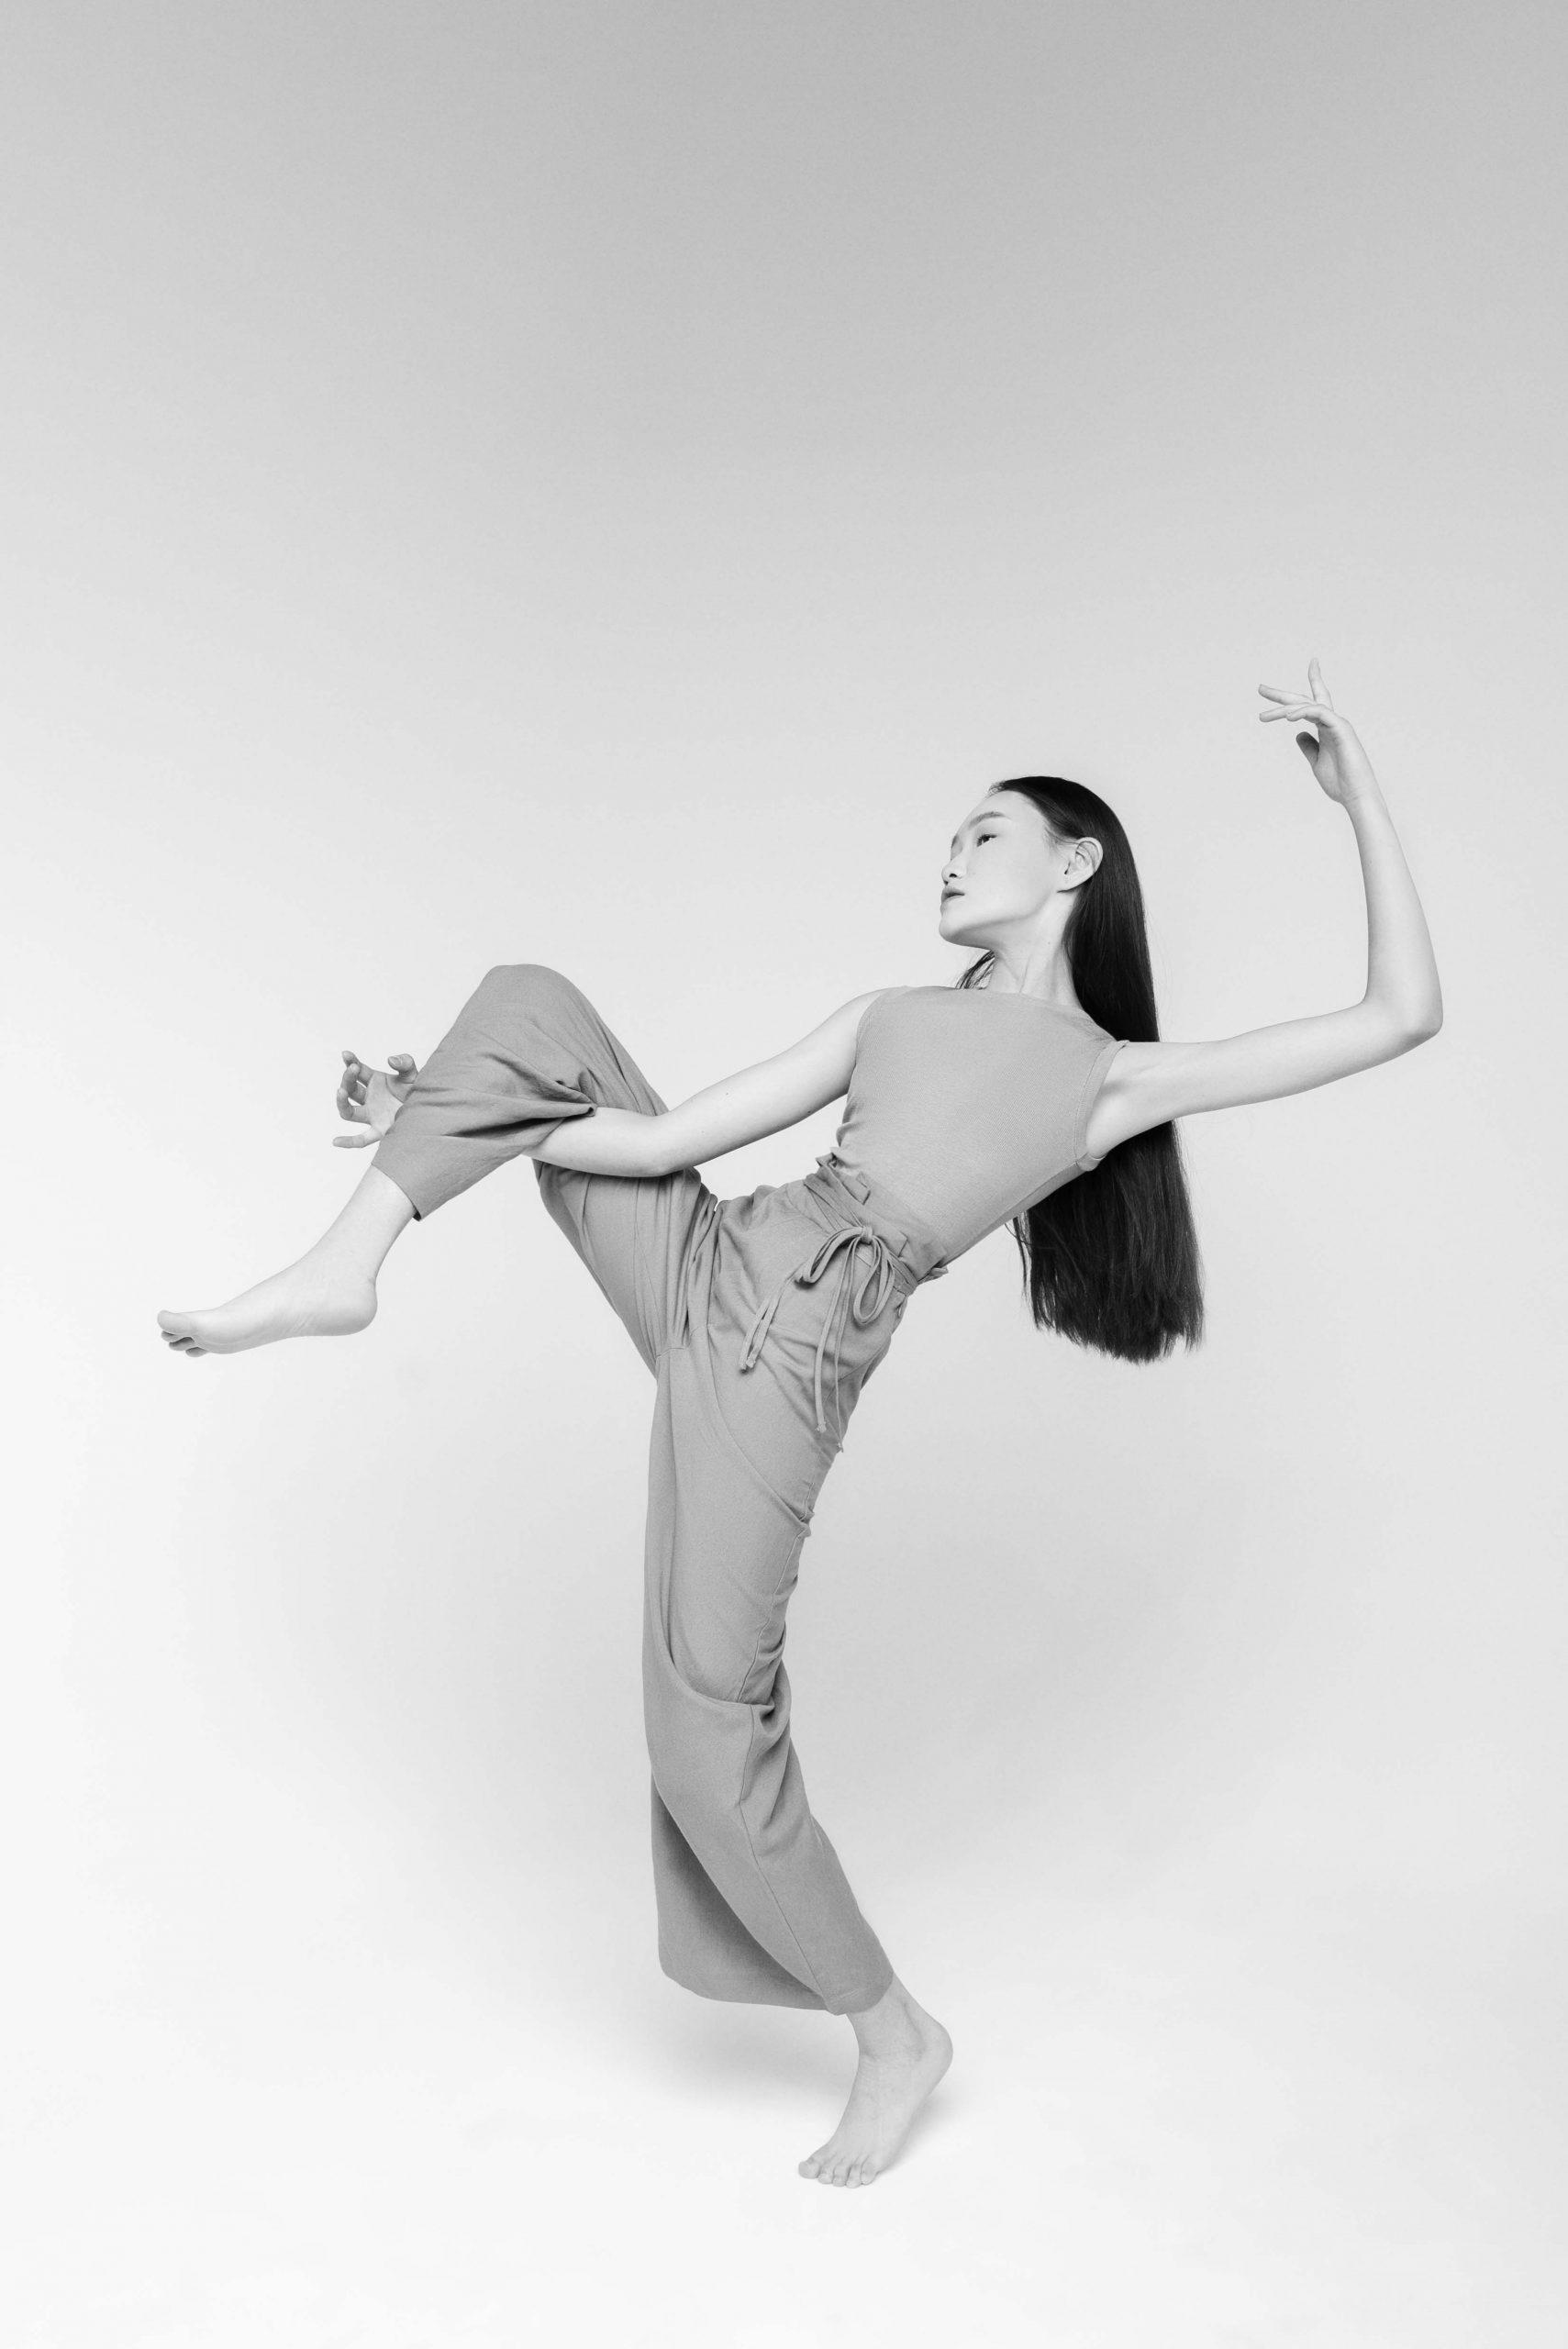 Gerda models